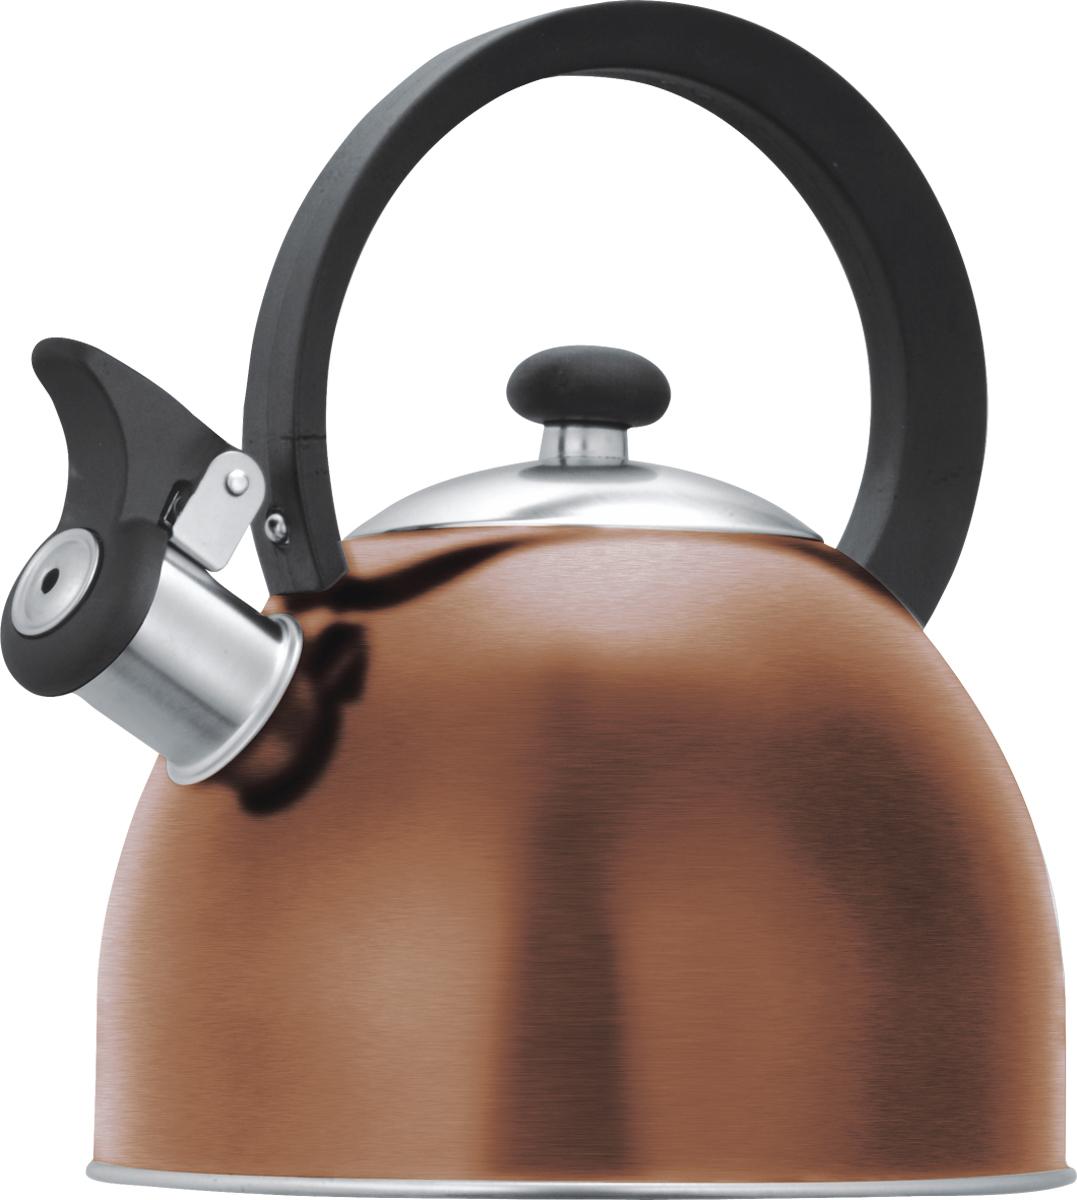 Чайник со свистком Lumme, цвет: медь, 1,8 л. LU-256LU-256 медьцветной со свистком 1,8л нержавеющая сталь, фиксированная ручка